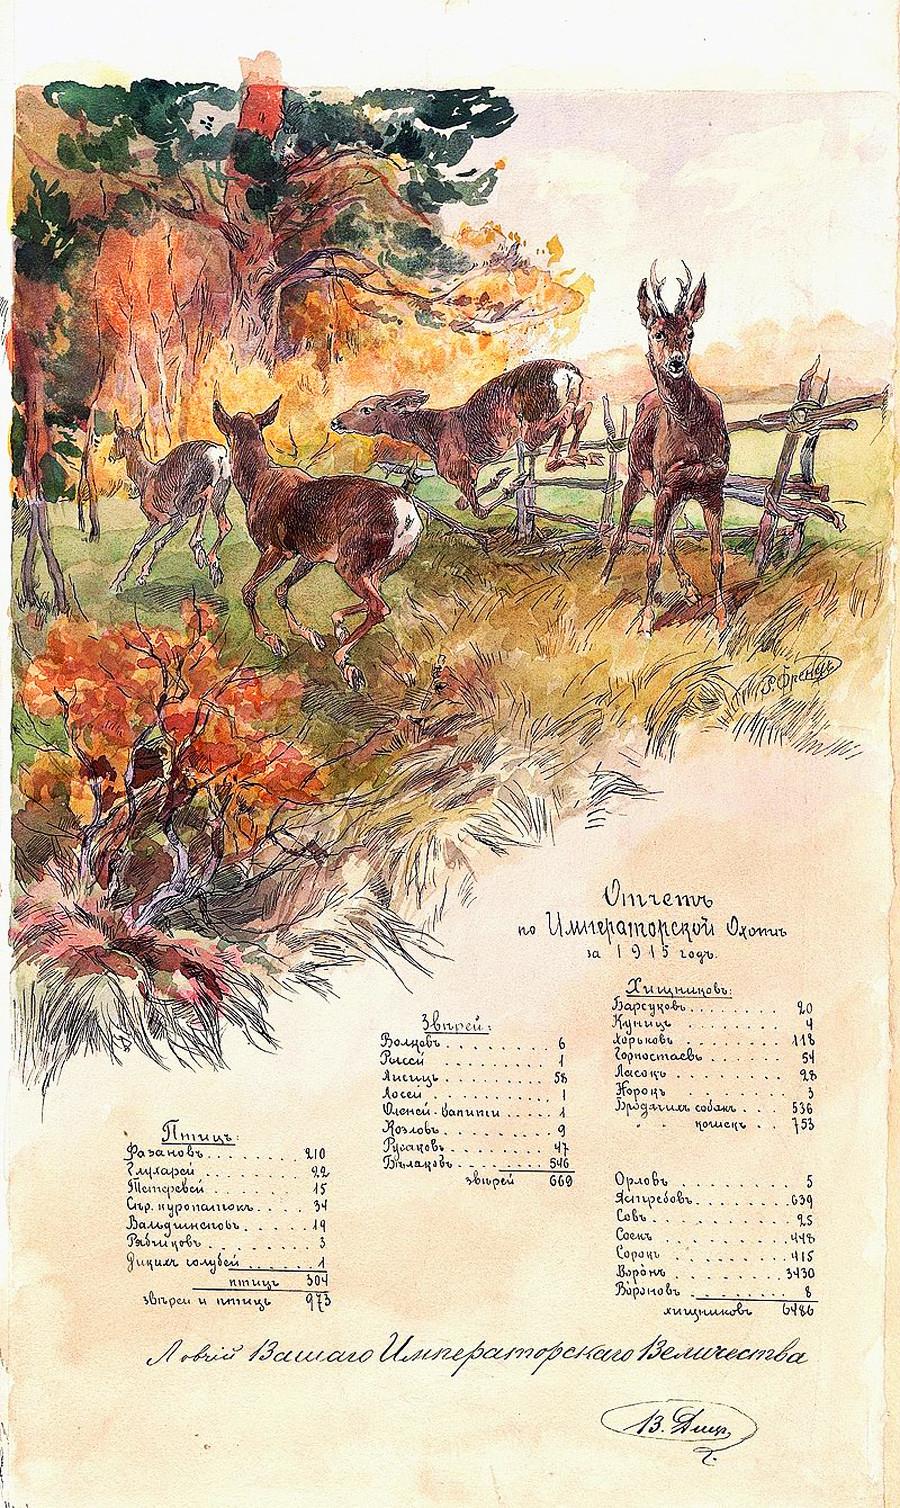 Aquarelle présentant les résultats d'une chasse impériale, 1915